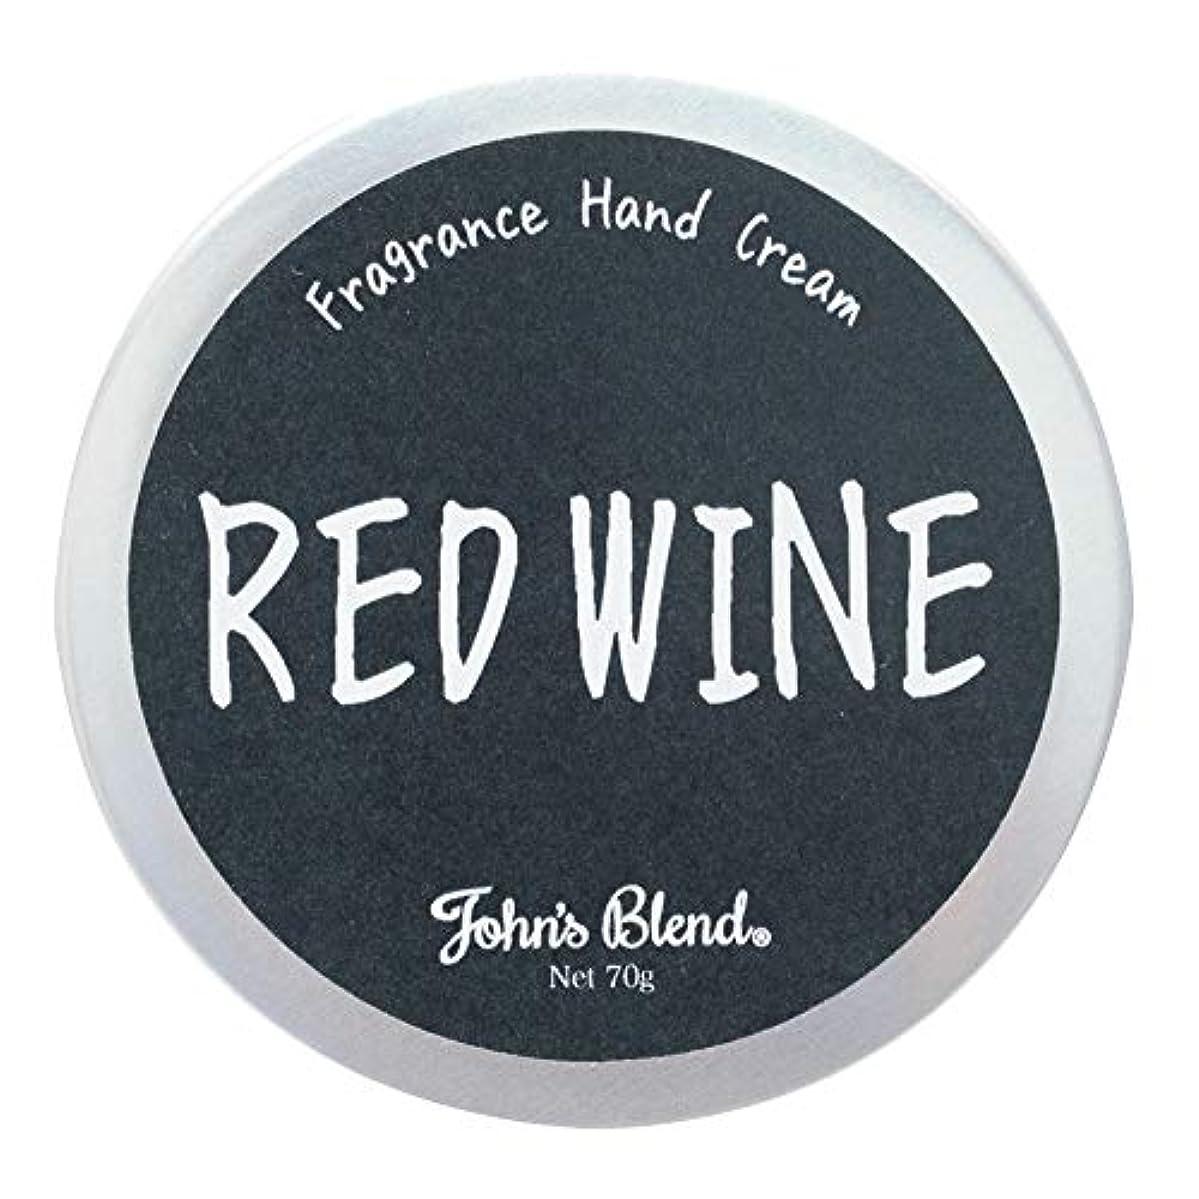 ブリッジ葉を集める純粋にノルコーポレーション John's Blend ハンドクリーム 保湿成分配合 OZ-JOD-1-3 レッドワインの香り 70g